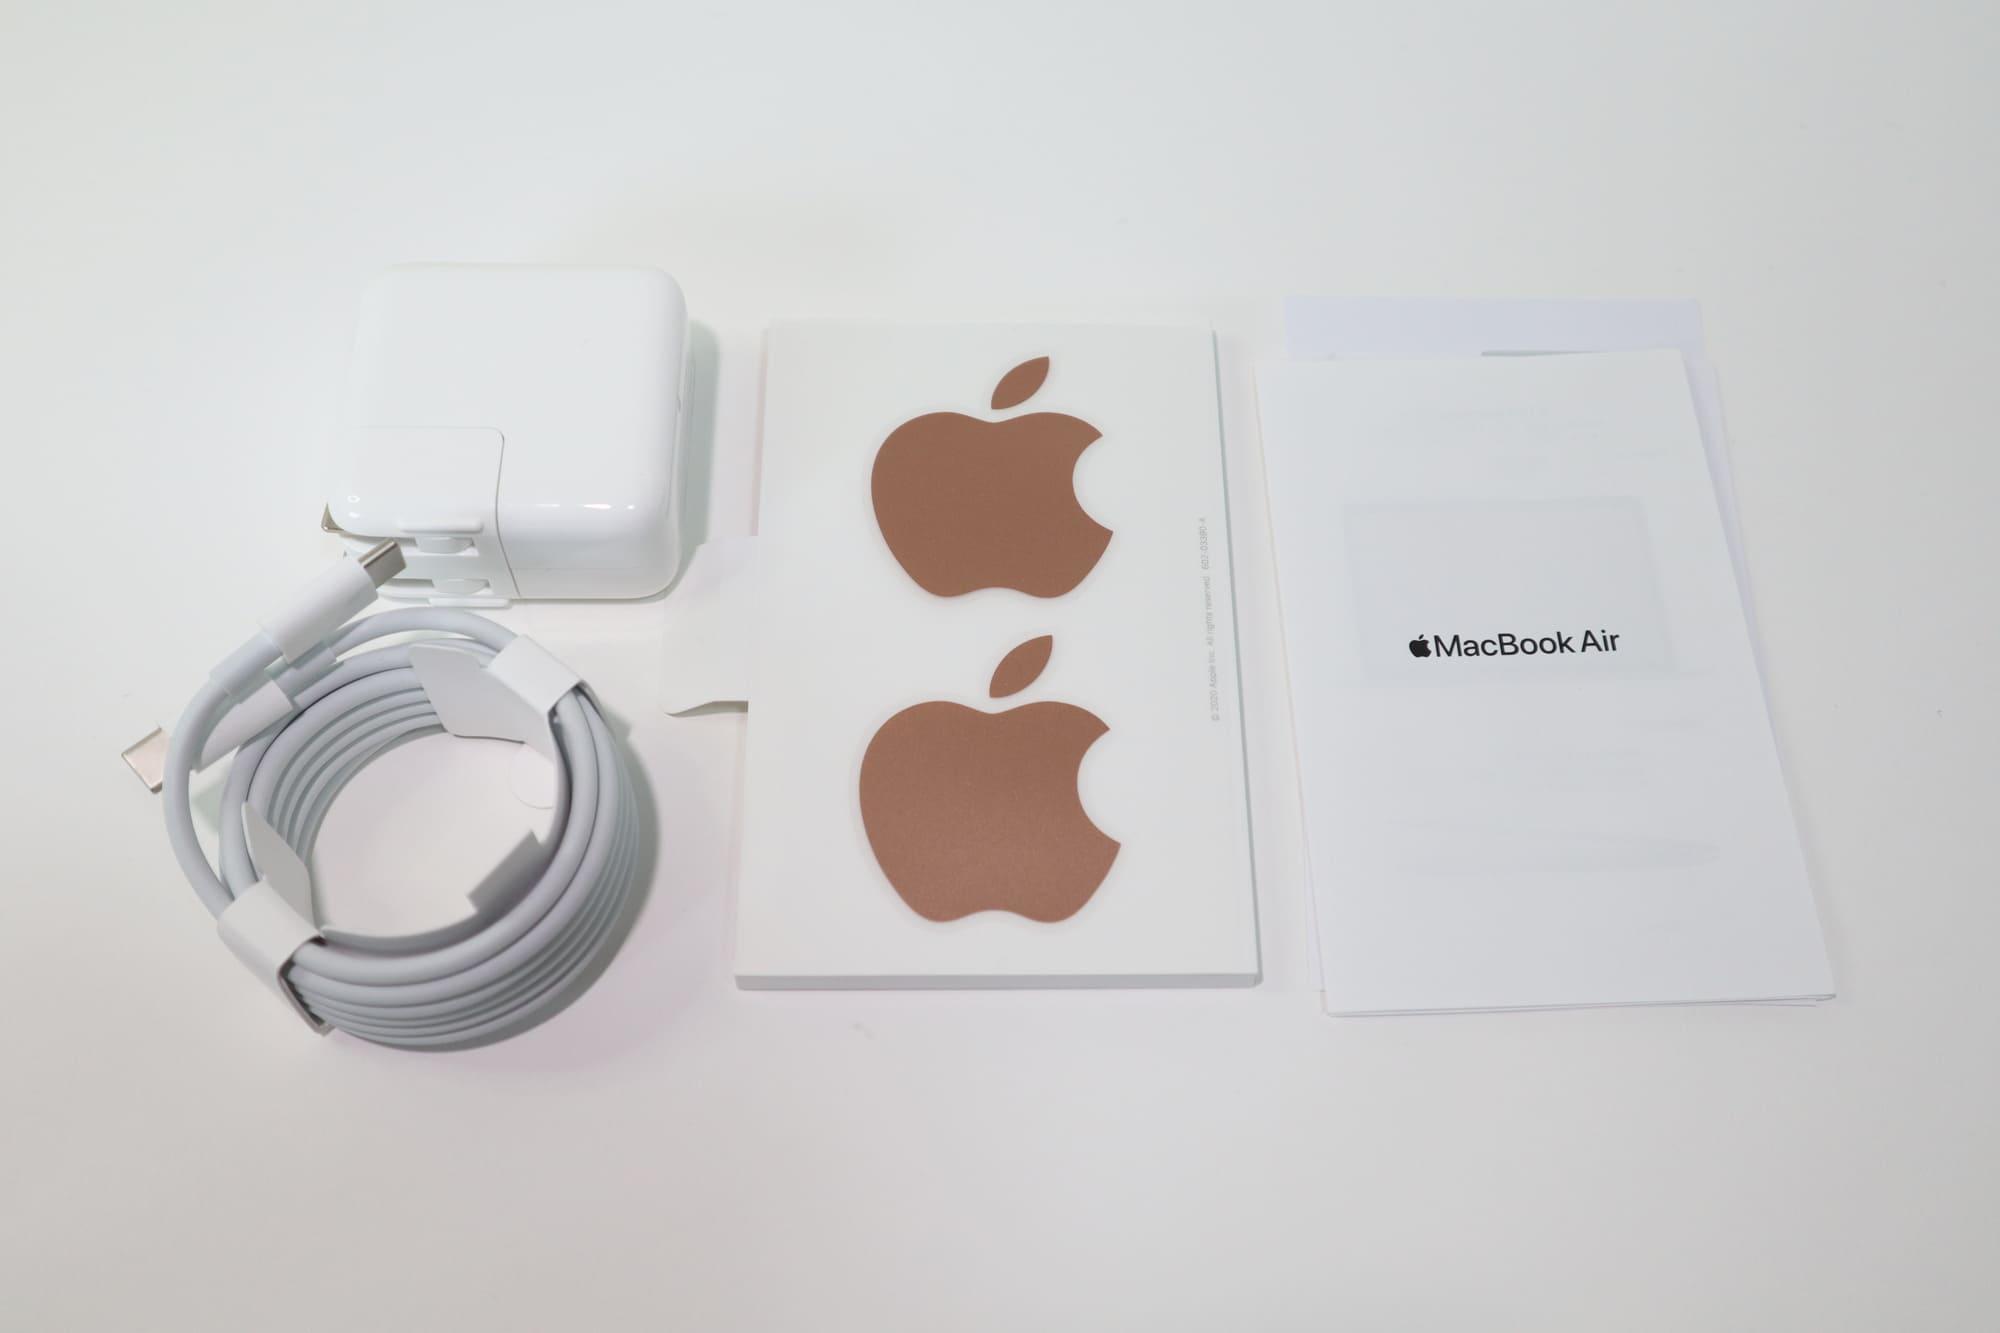 MacBook Air 2020の付属品